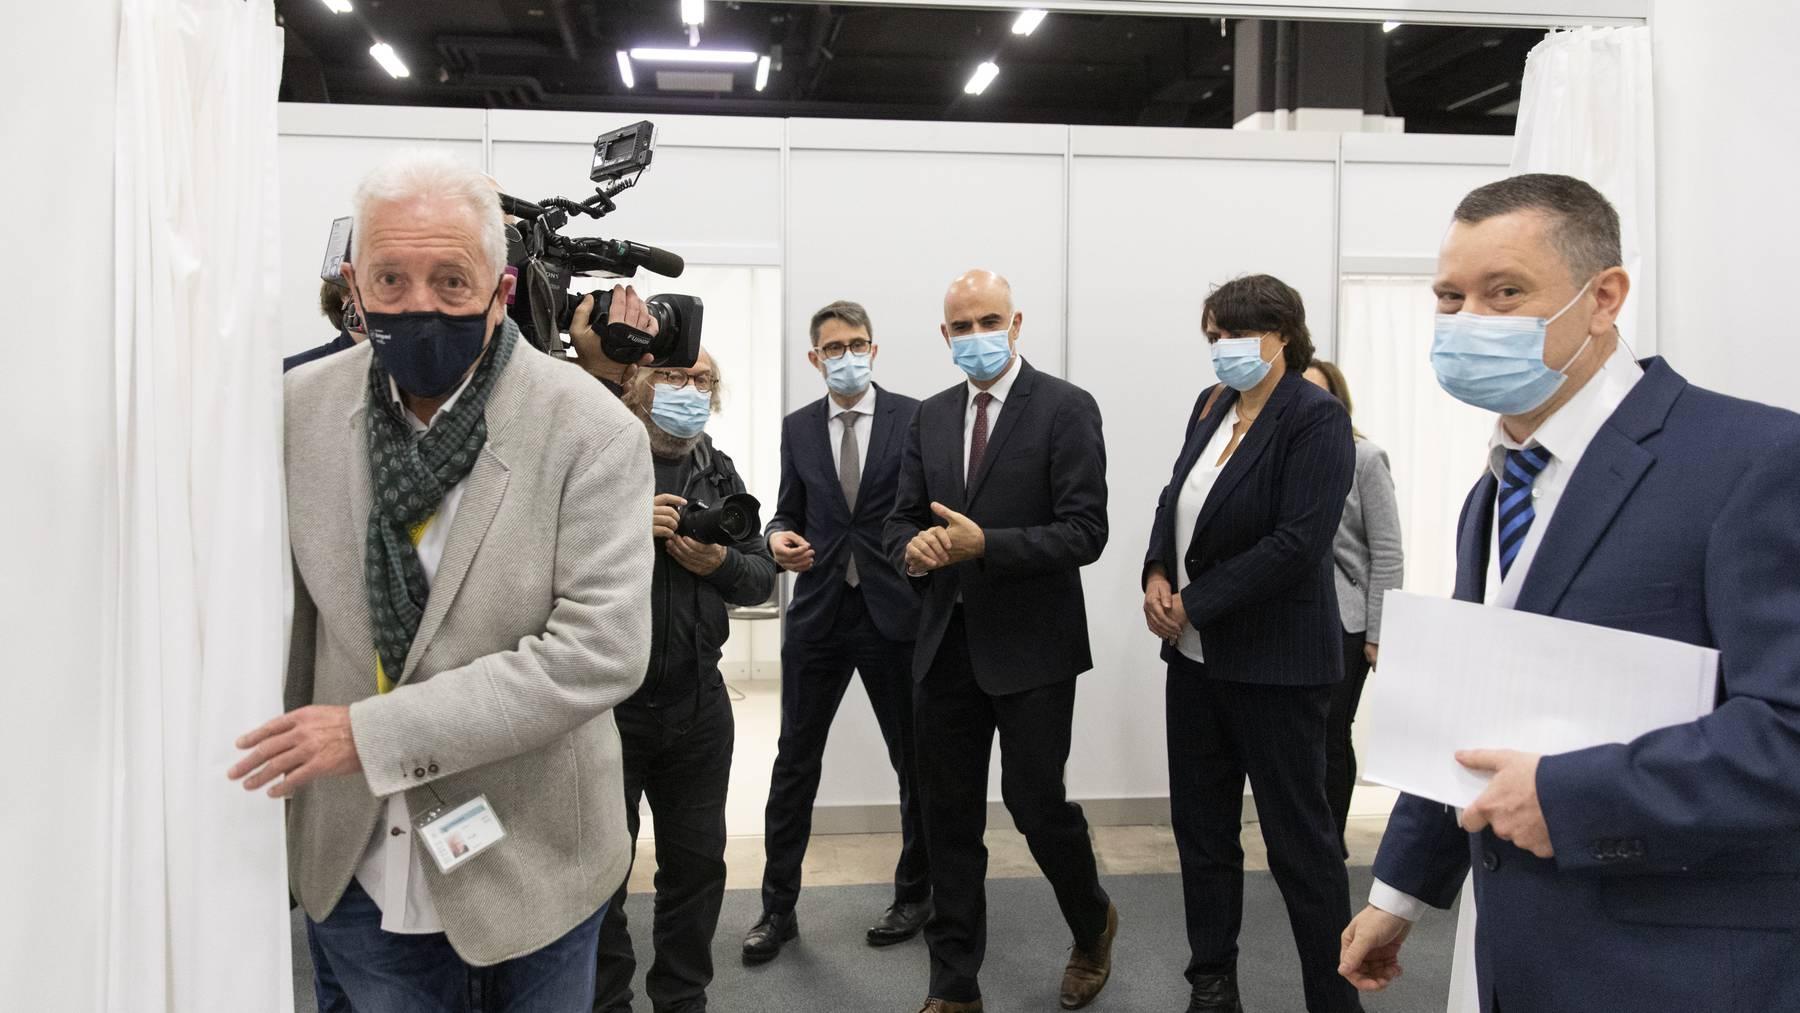 Bundesrat Alain Berset und Regierungsrat Lukas Engelberger (hinten links) eröffnen am Montag das Basler Impfzentrum.